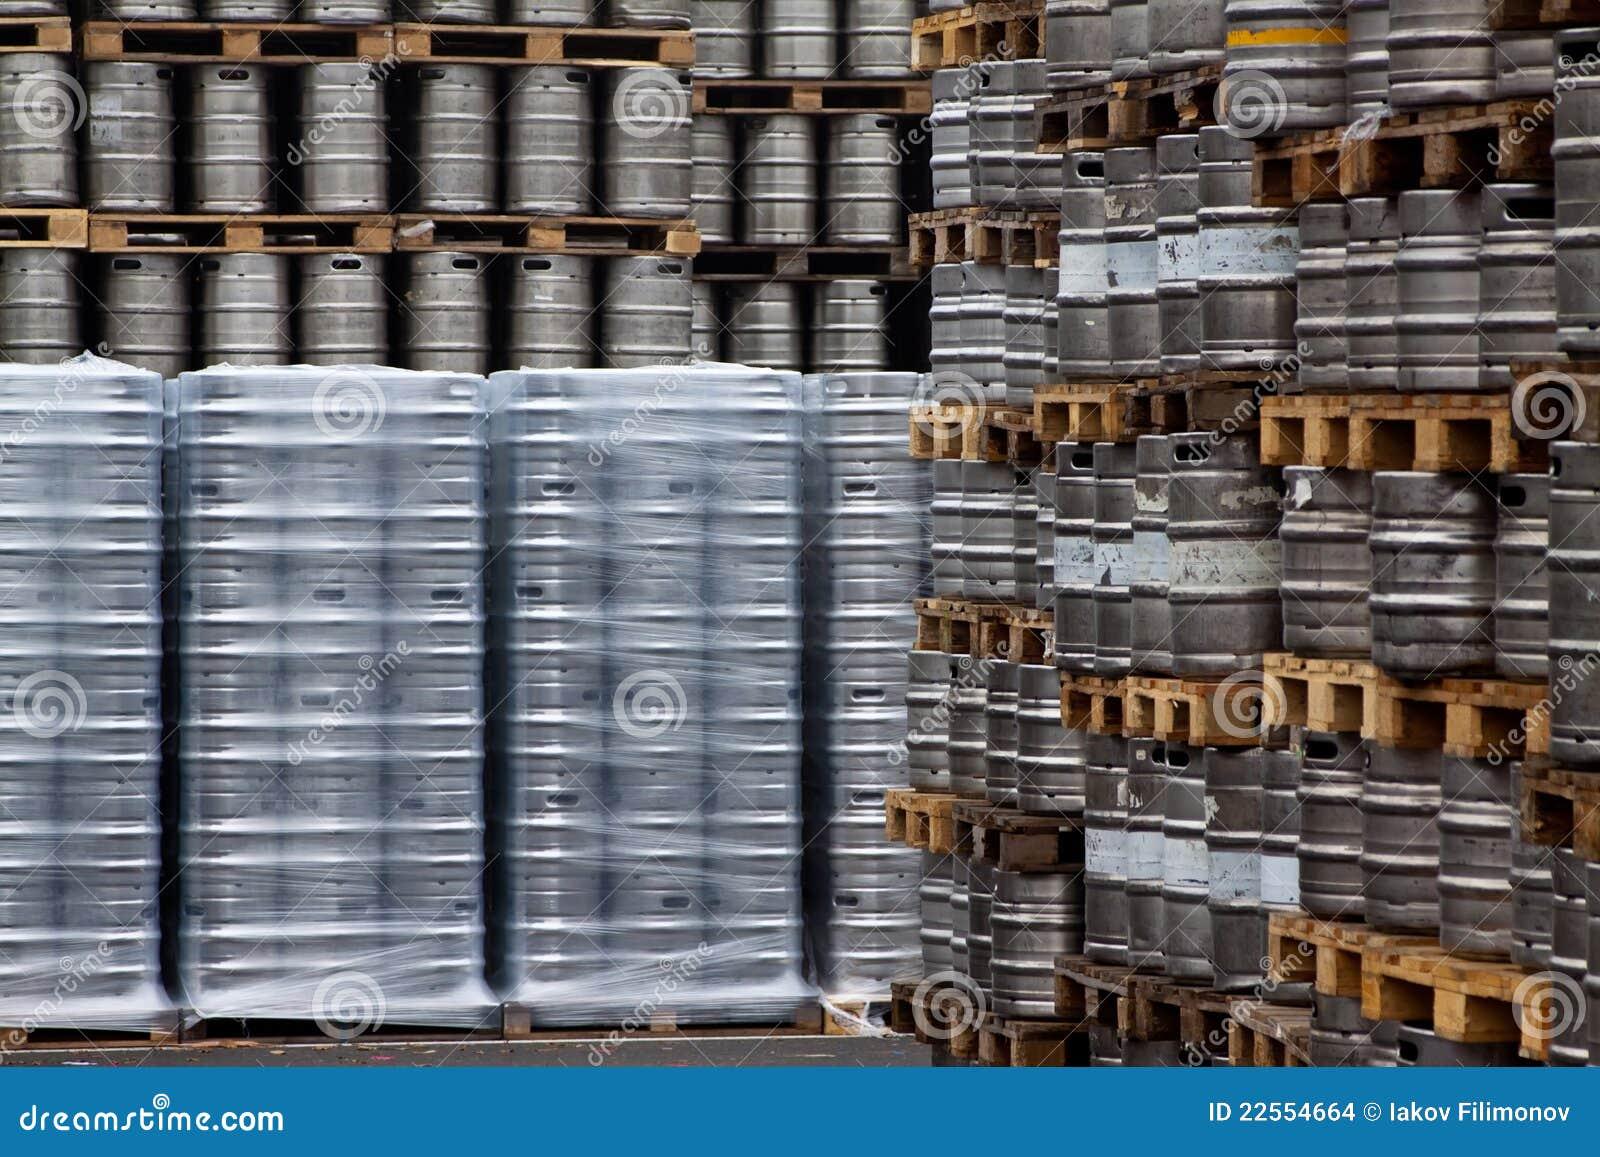 Barillets de bière dans les lignes